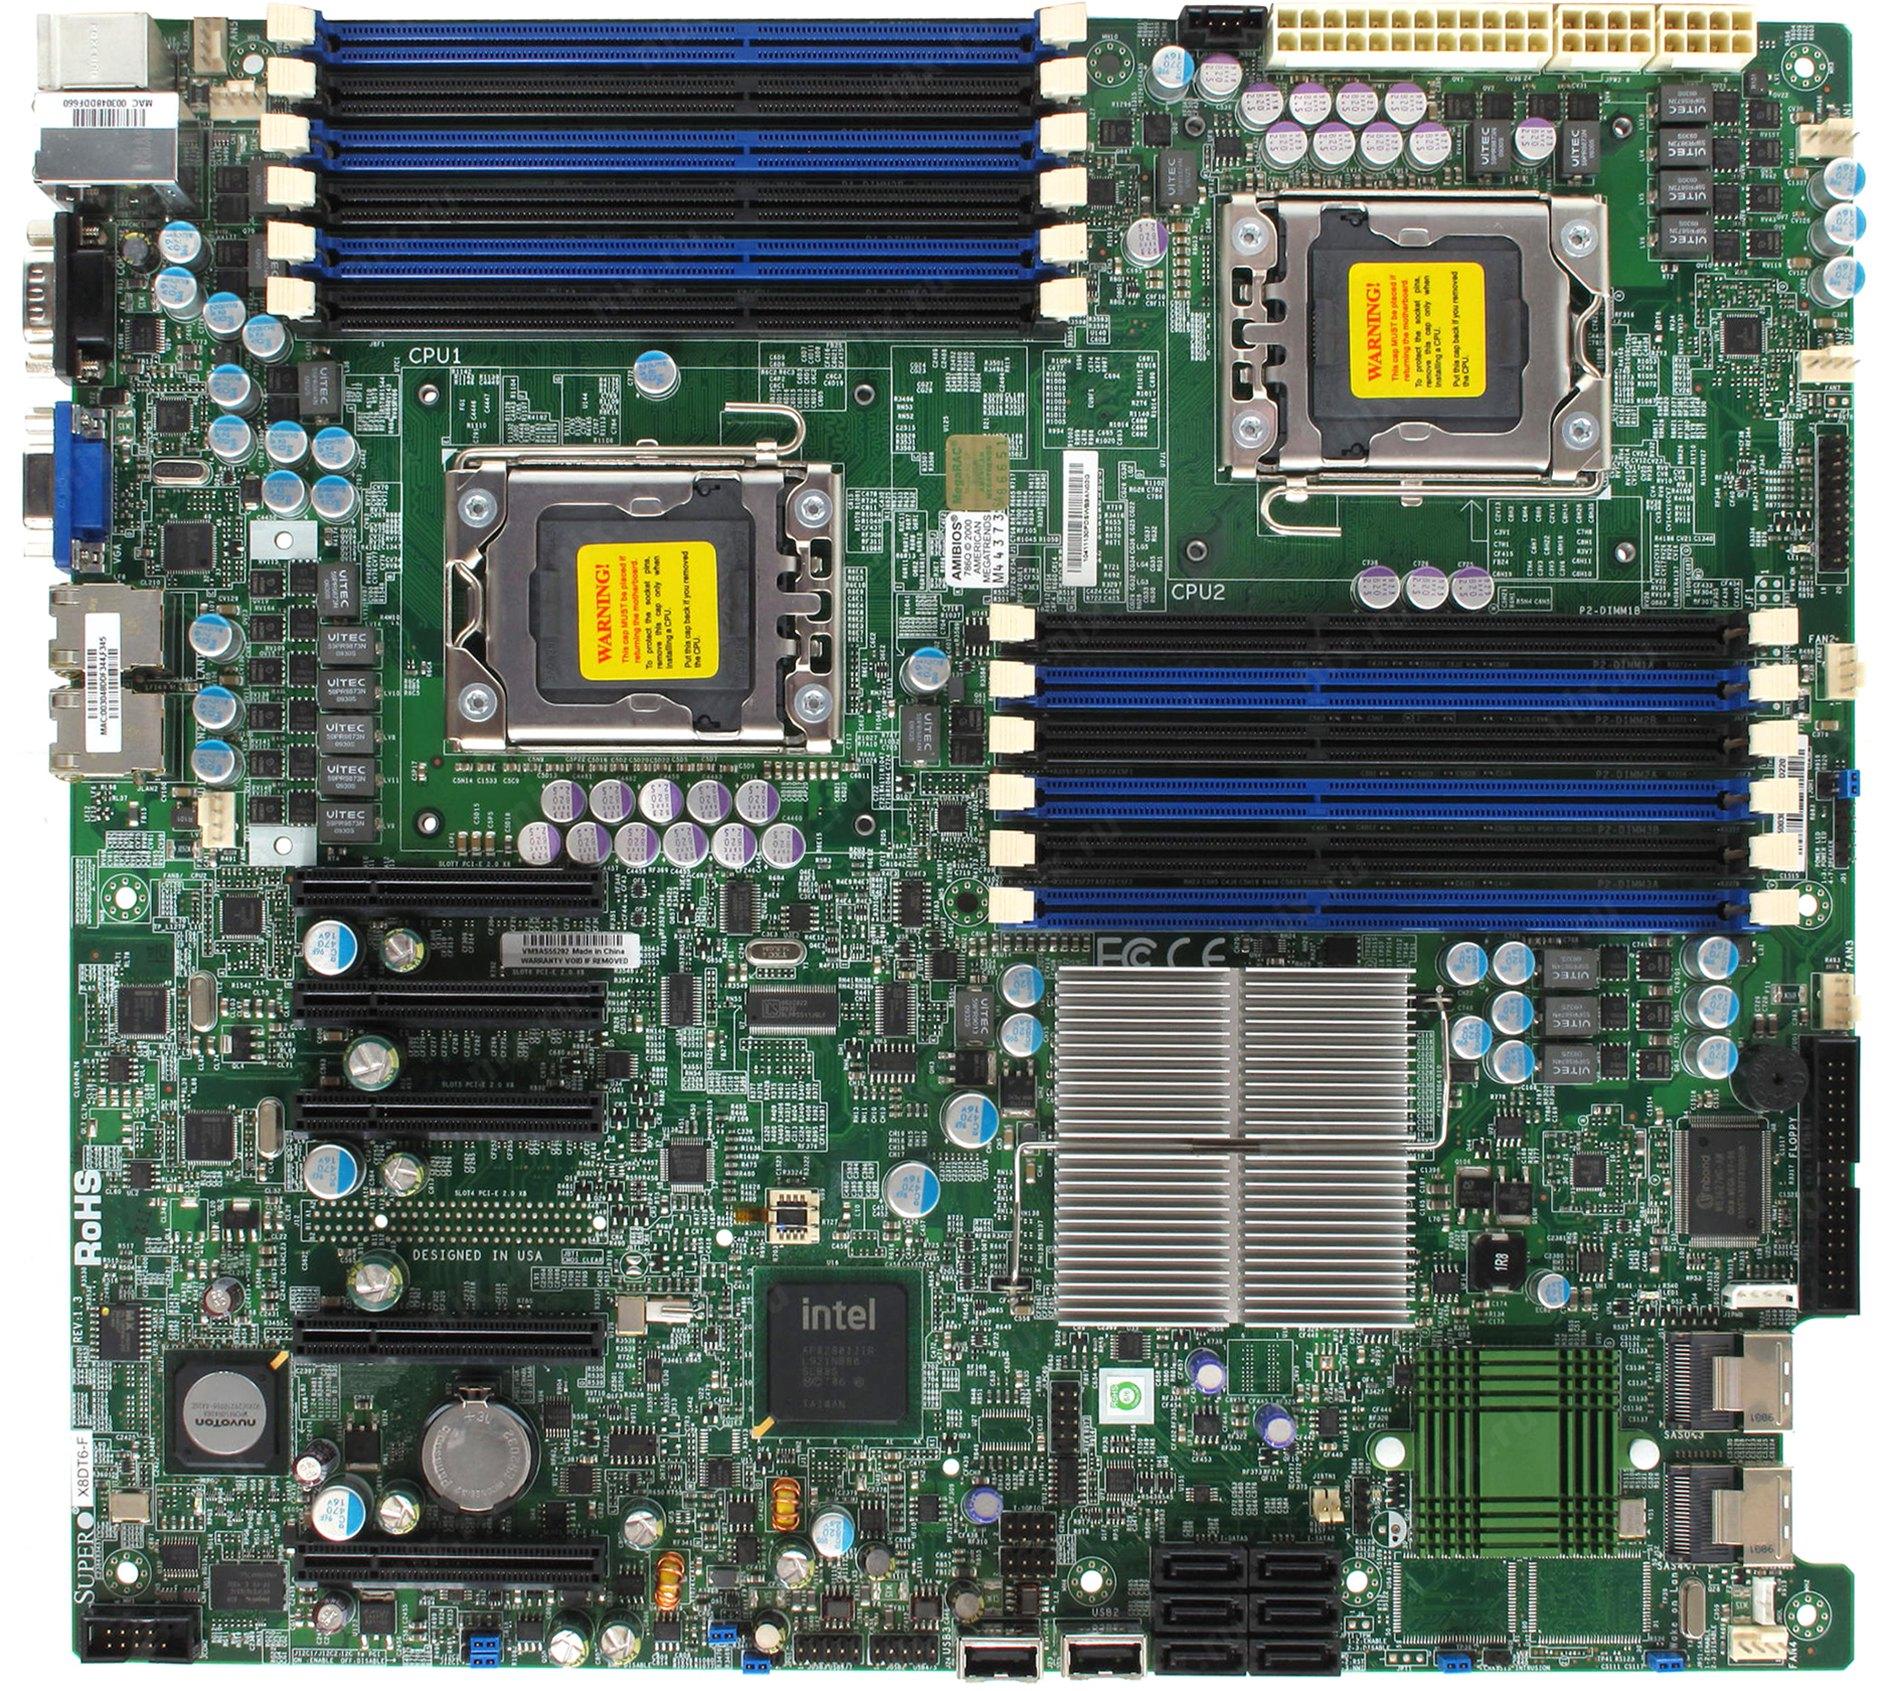 SUPER X8DT6-F Dual Sever Motherboard Intel 5520 LGA1366 VGA COM